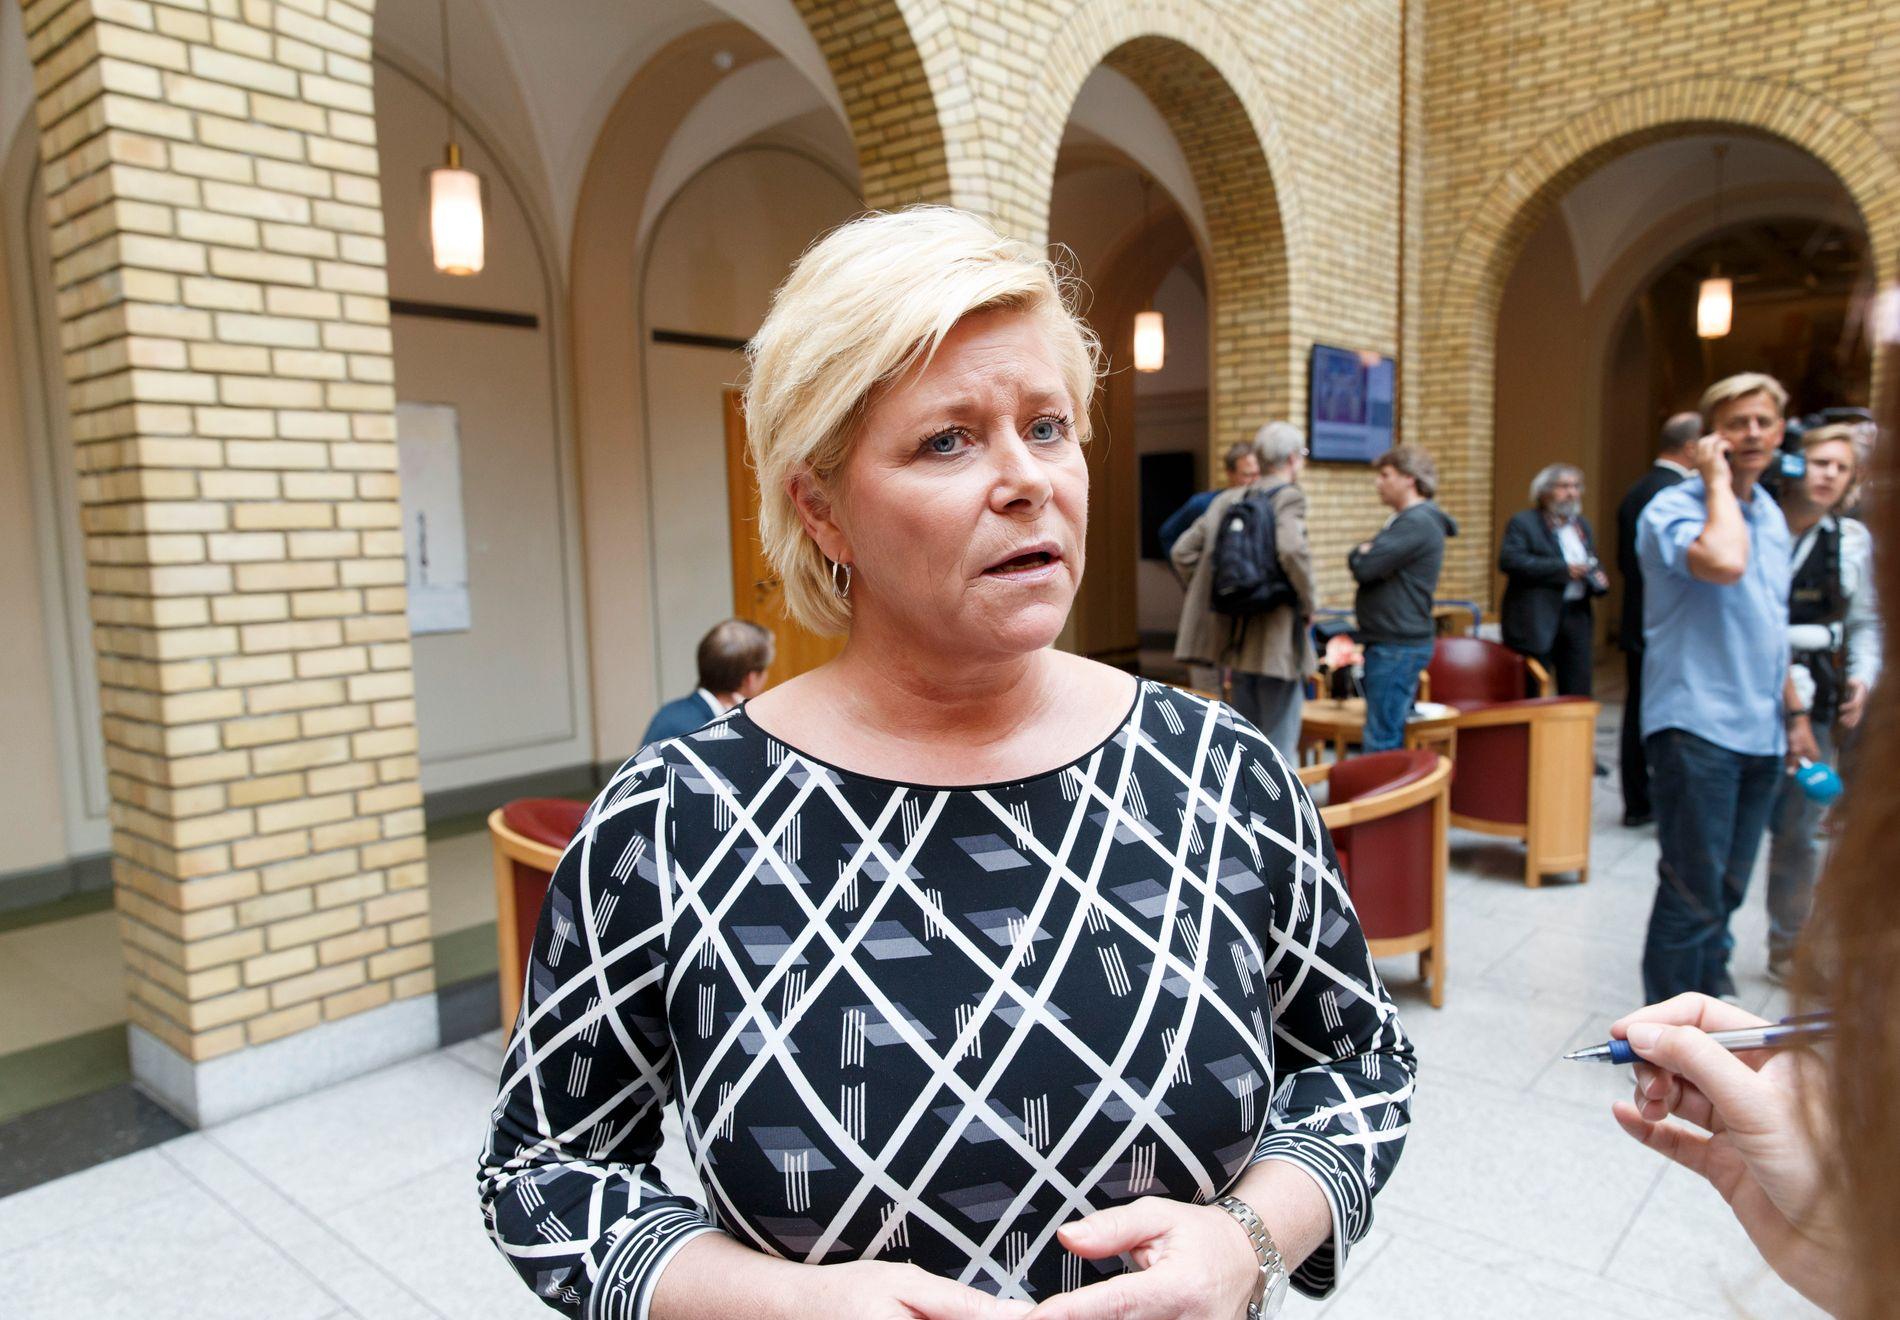 NEKTER FOR SPILL: Finansminister Siv Jensen avviser at Frp har drevet politisk spill i asylinnstrammingsforhandlingene.